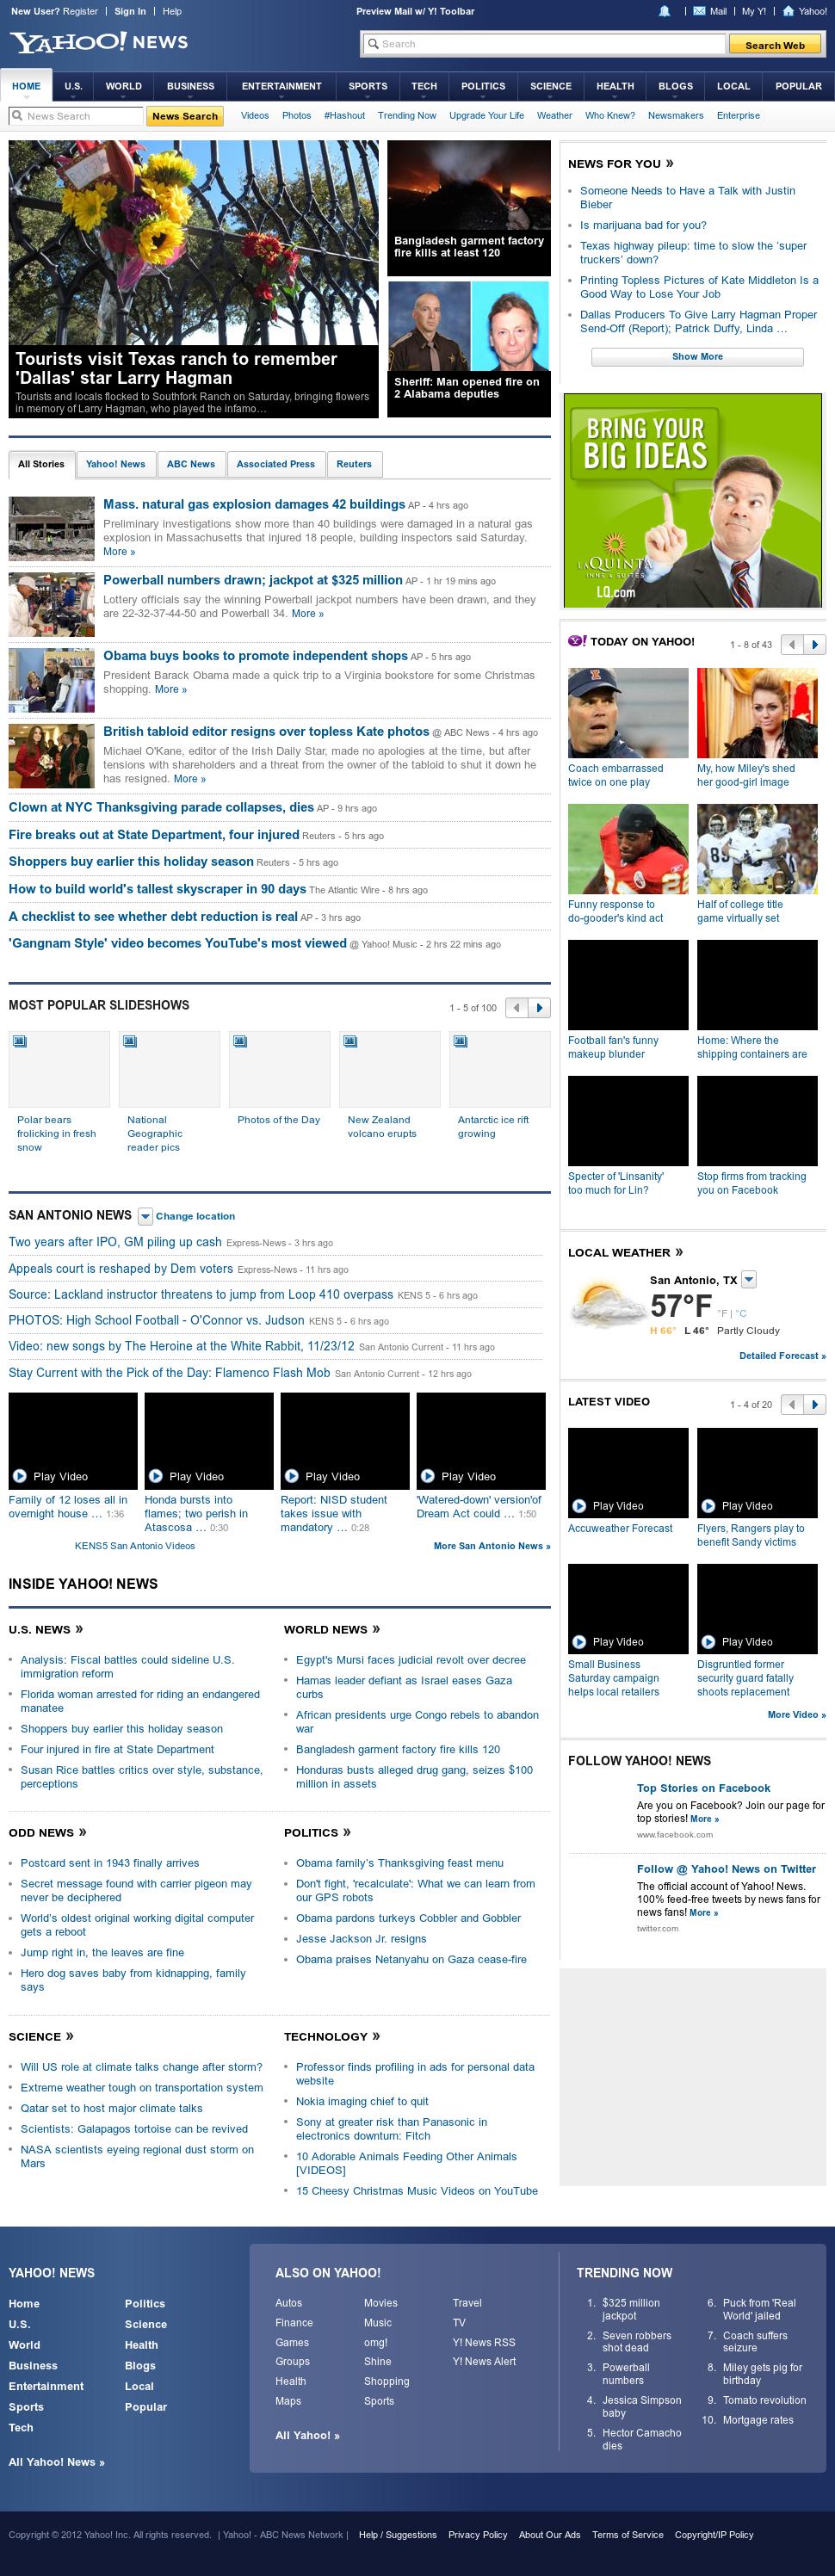 Yahoo! News at Sunday Nov. 25, 2012, 6:37 a.m. UTC